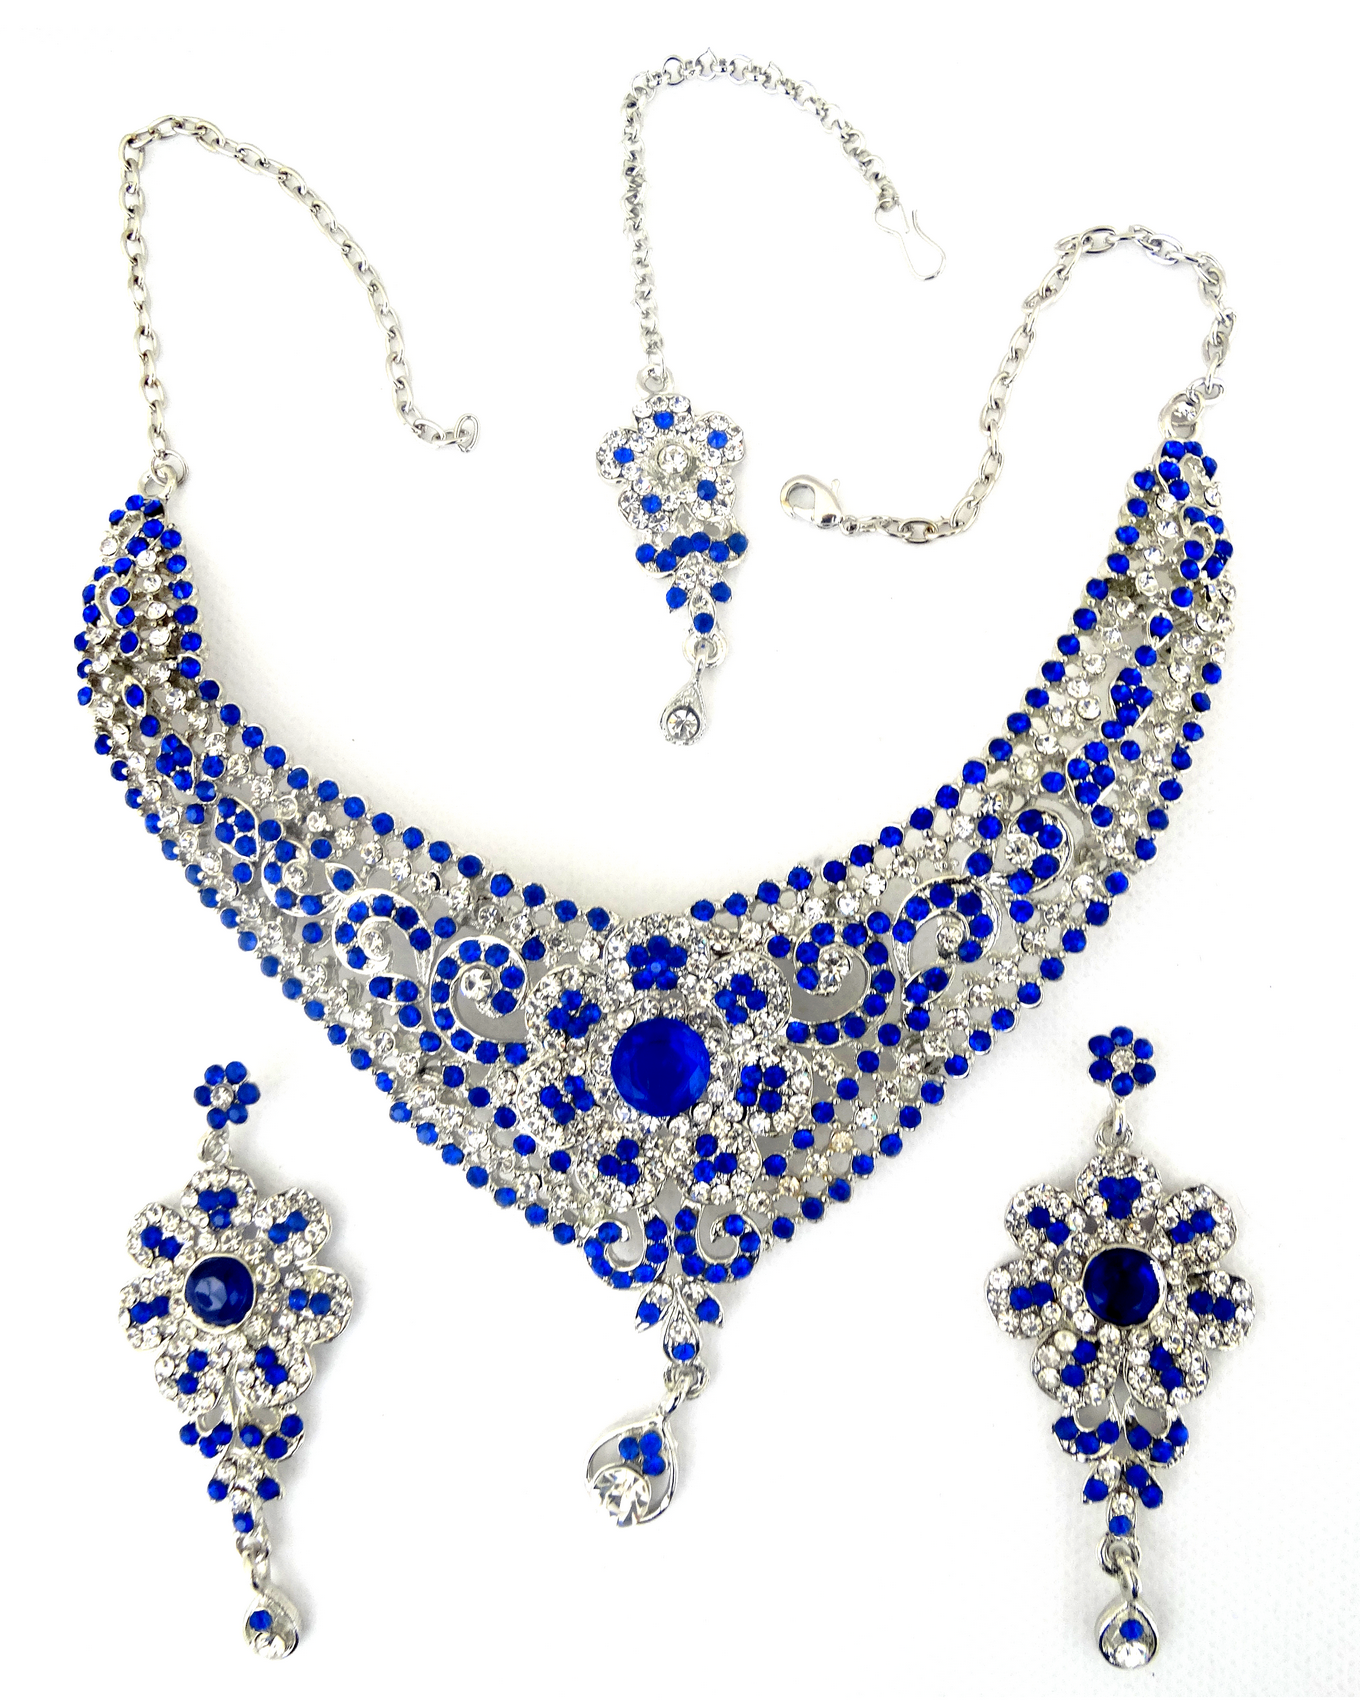 536ebcf7b Parure bleu roi Bijoux Bollywood argenté avec les pierres bleues et ...